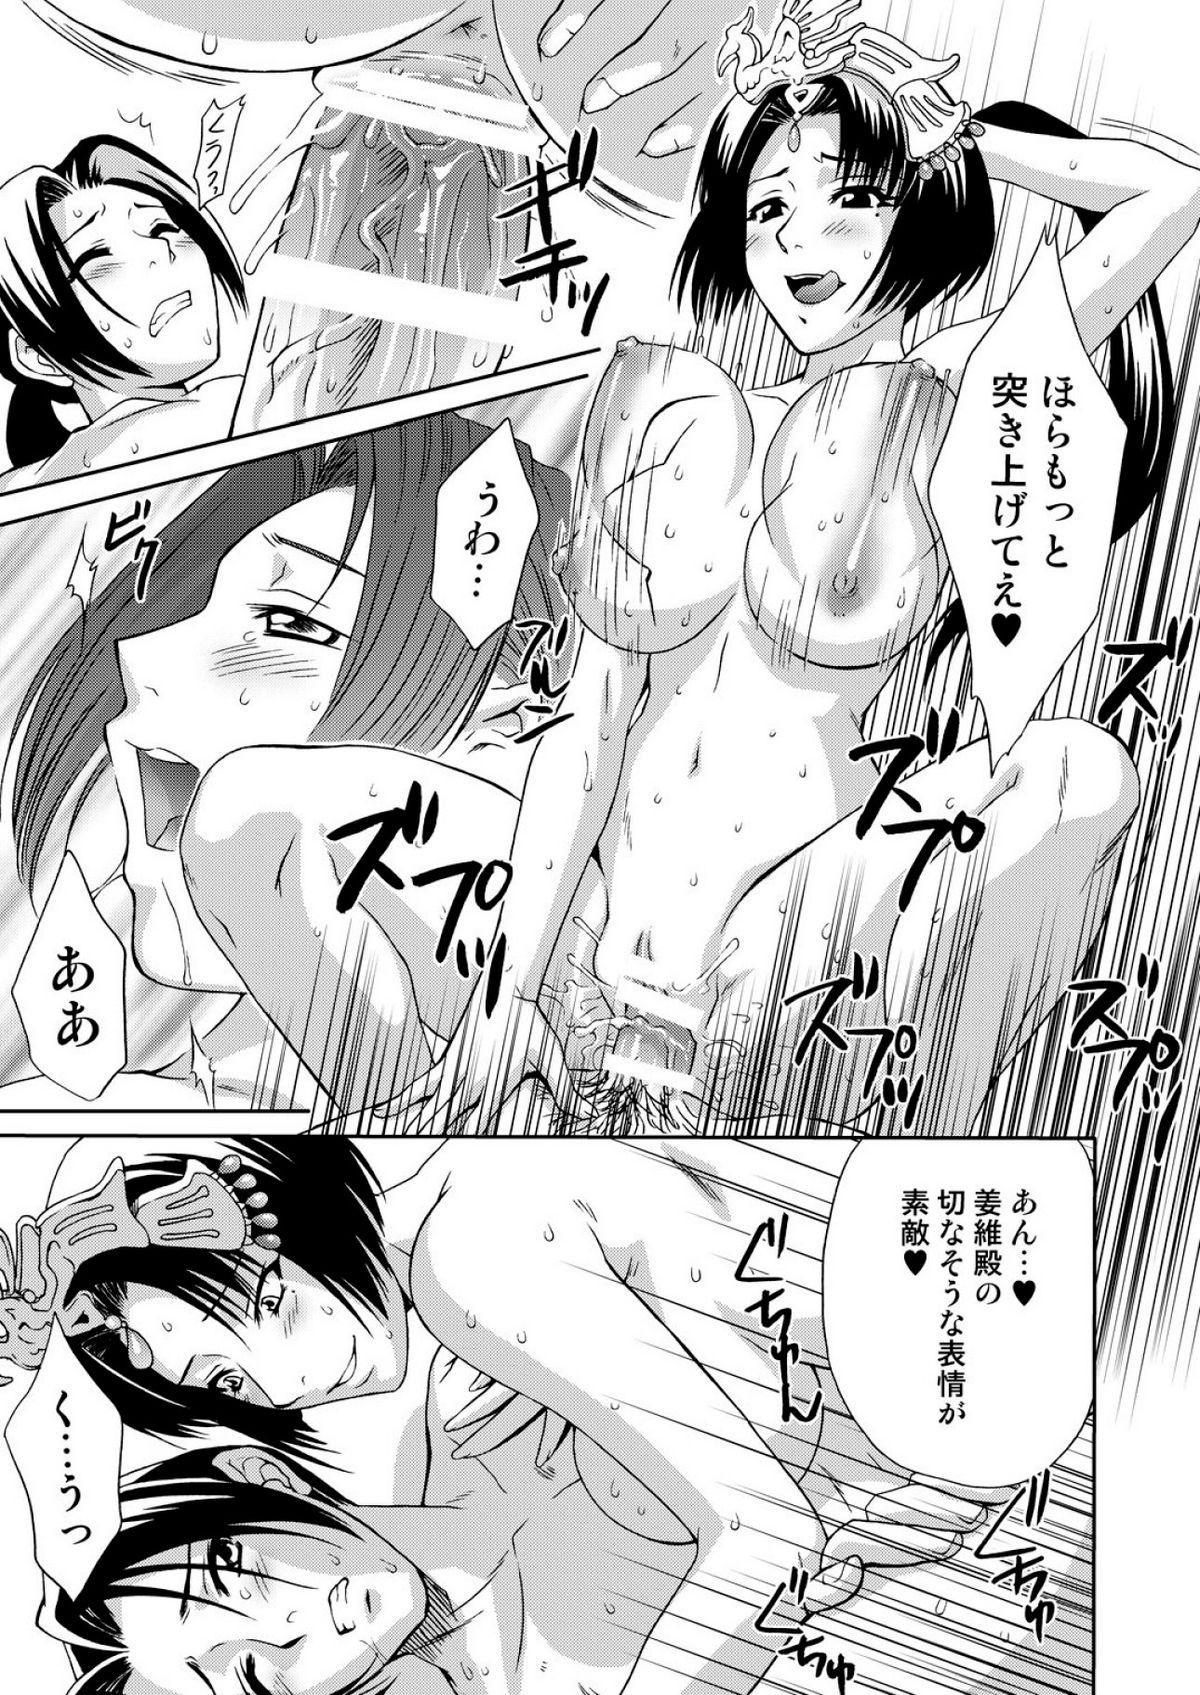 In Sangoku Musou 3 20